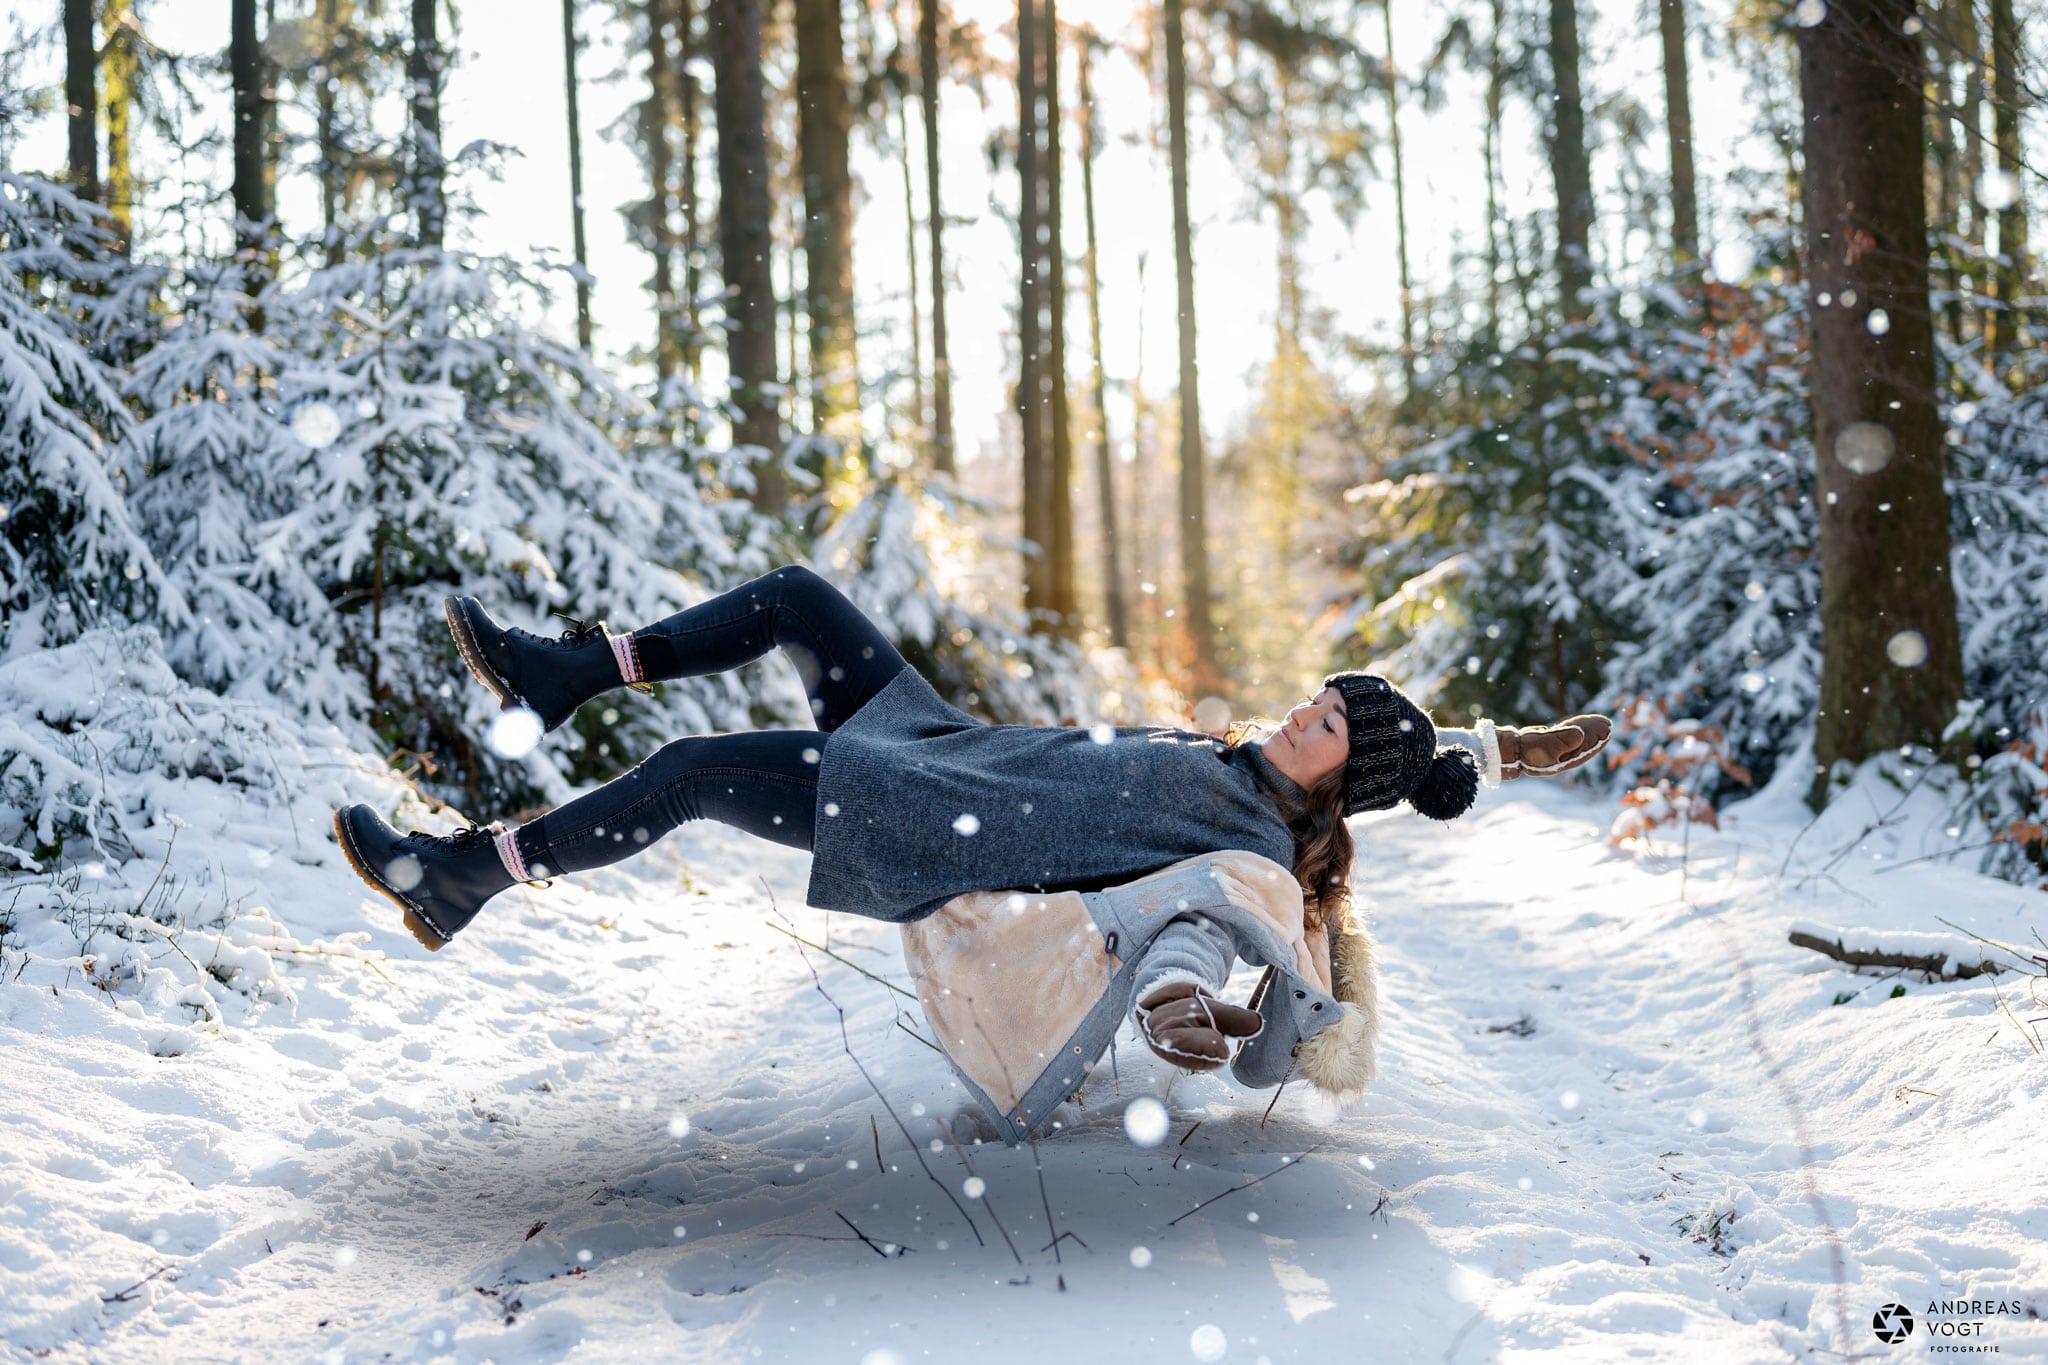 schwebefoto-winter-01-fotograf-andreas-vogt-aalen